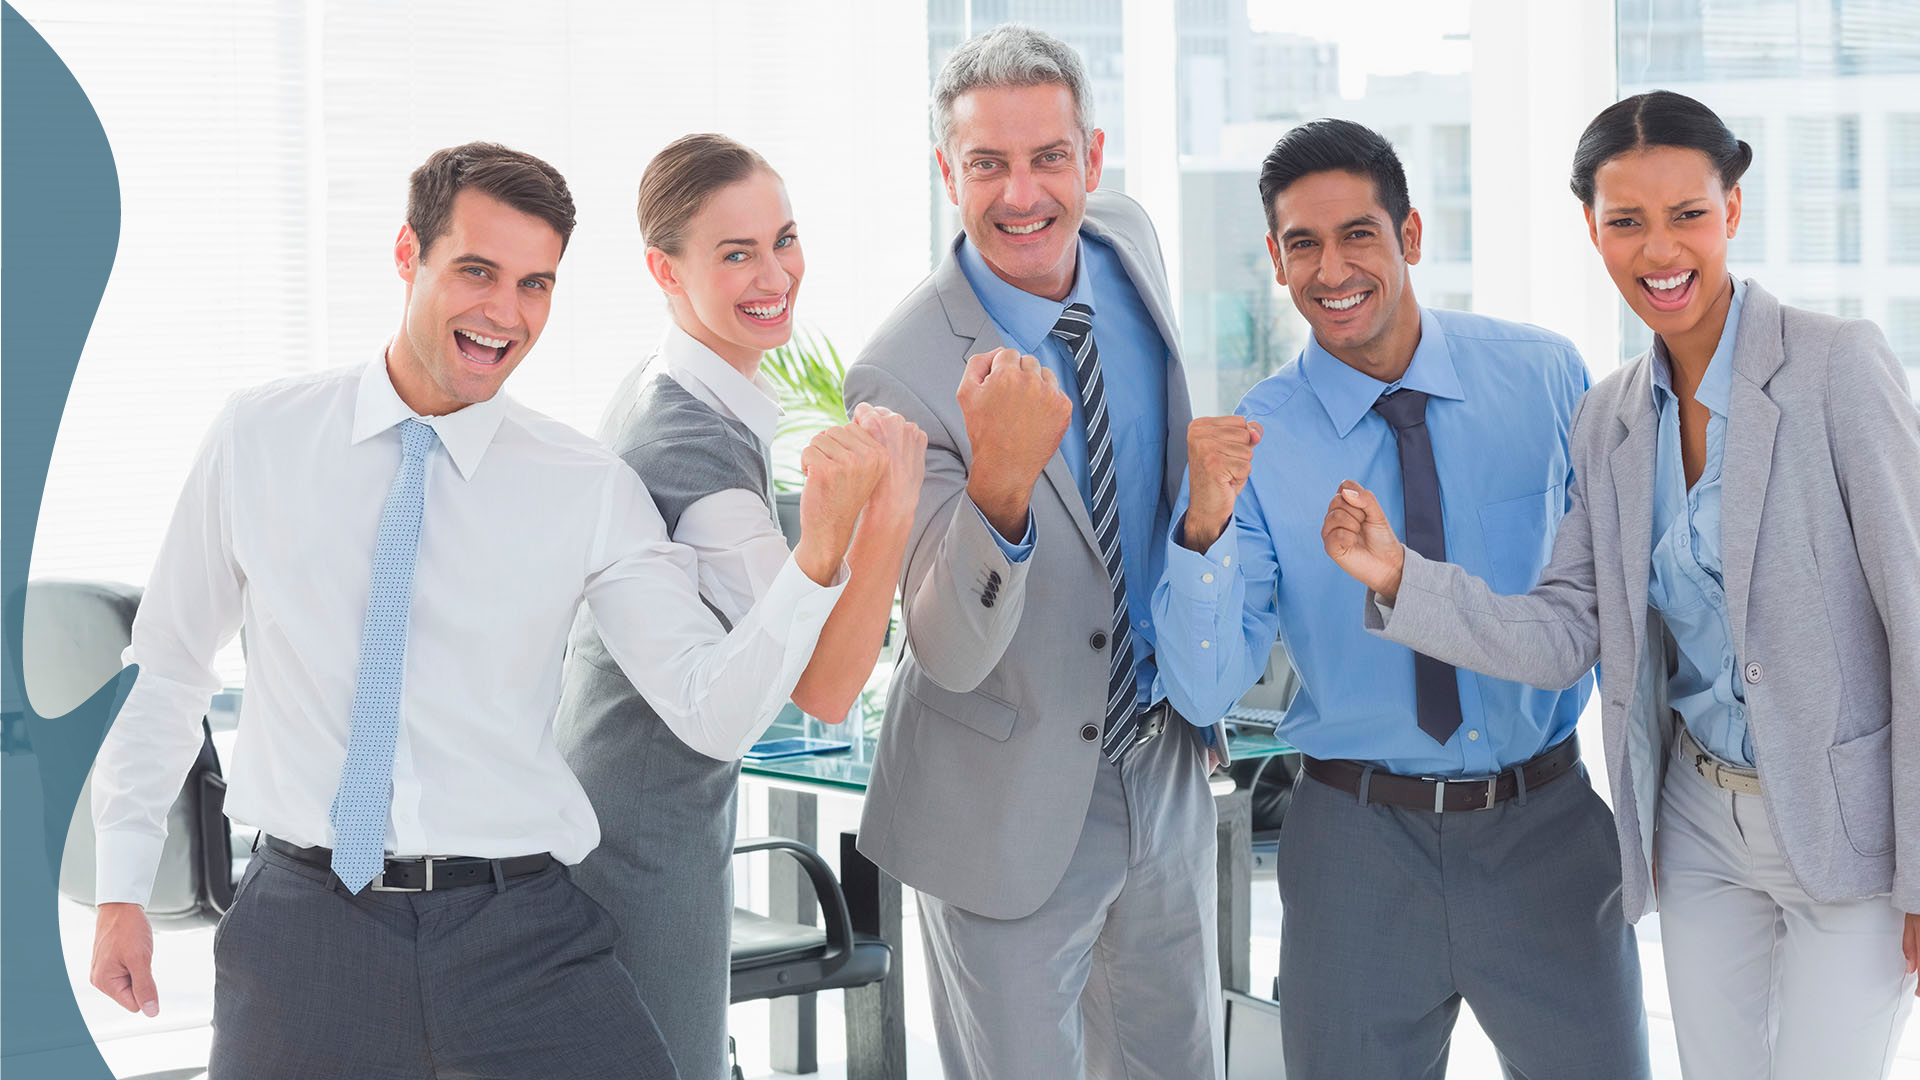 ¡Selecciona la mejor alternativa para llevar a tu Equipo Directivo al siguiente nivel de gestión! -